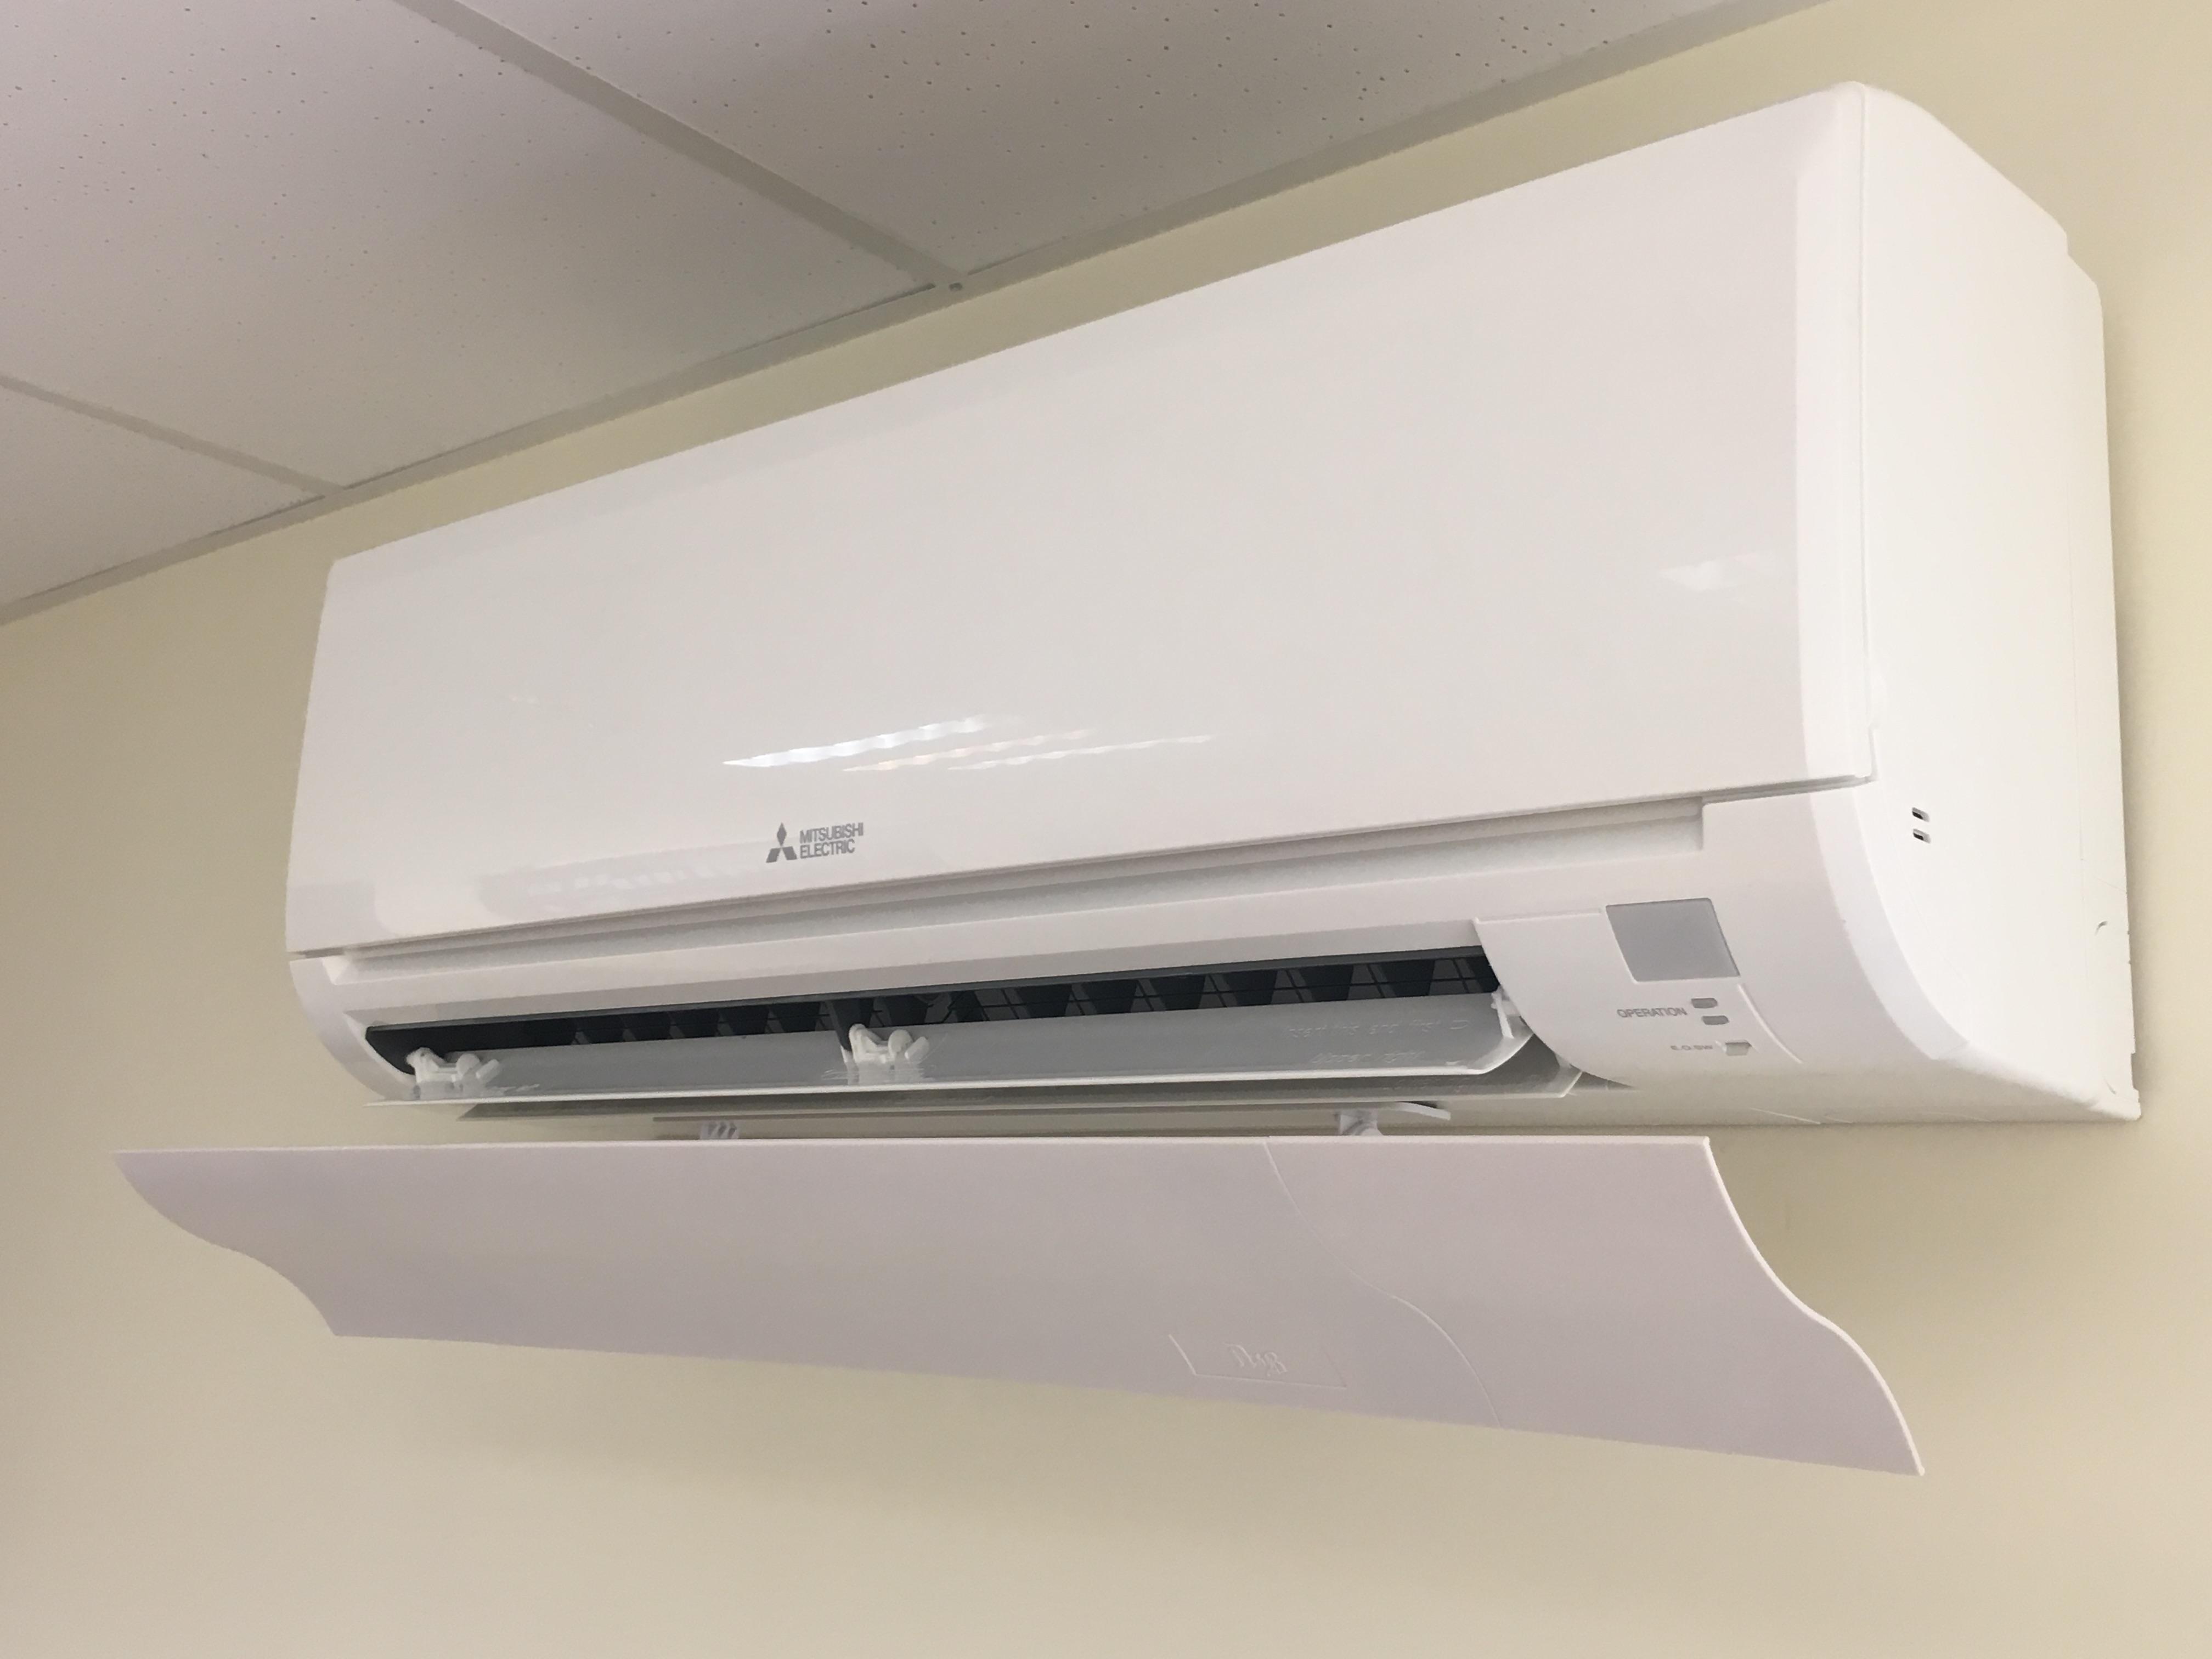 Wind Deflector / Blocker for split type A/C unit